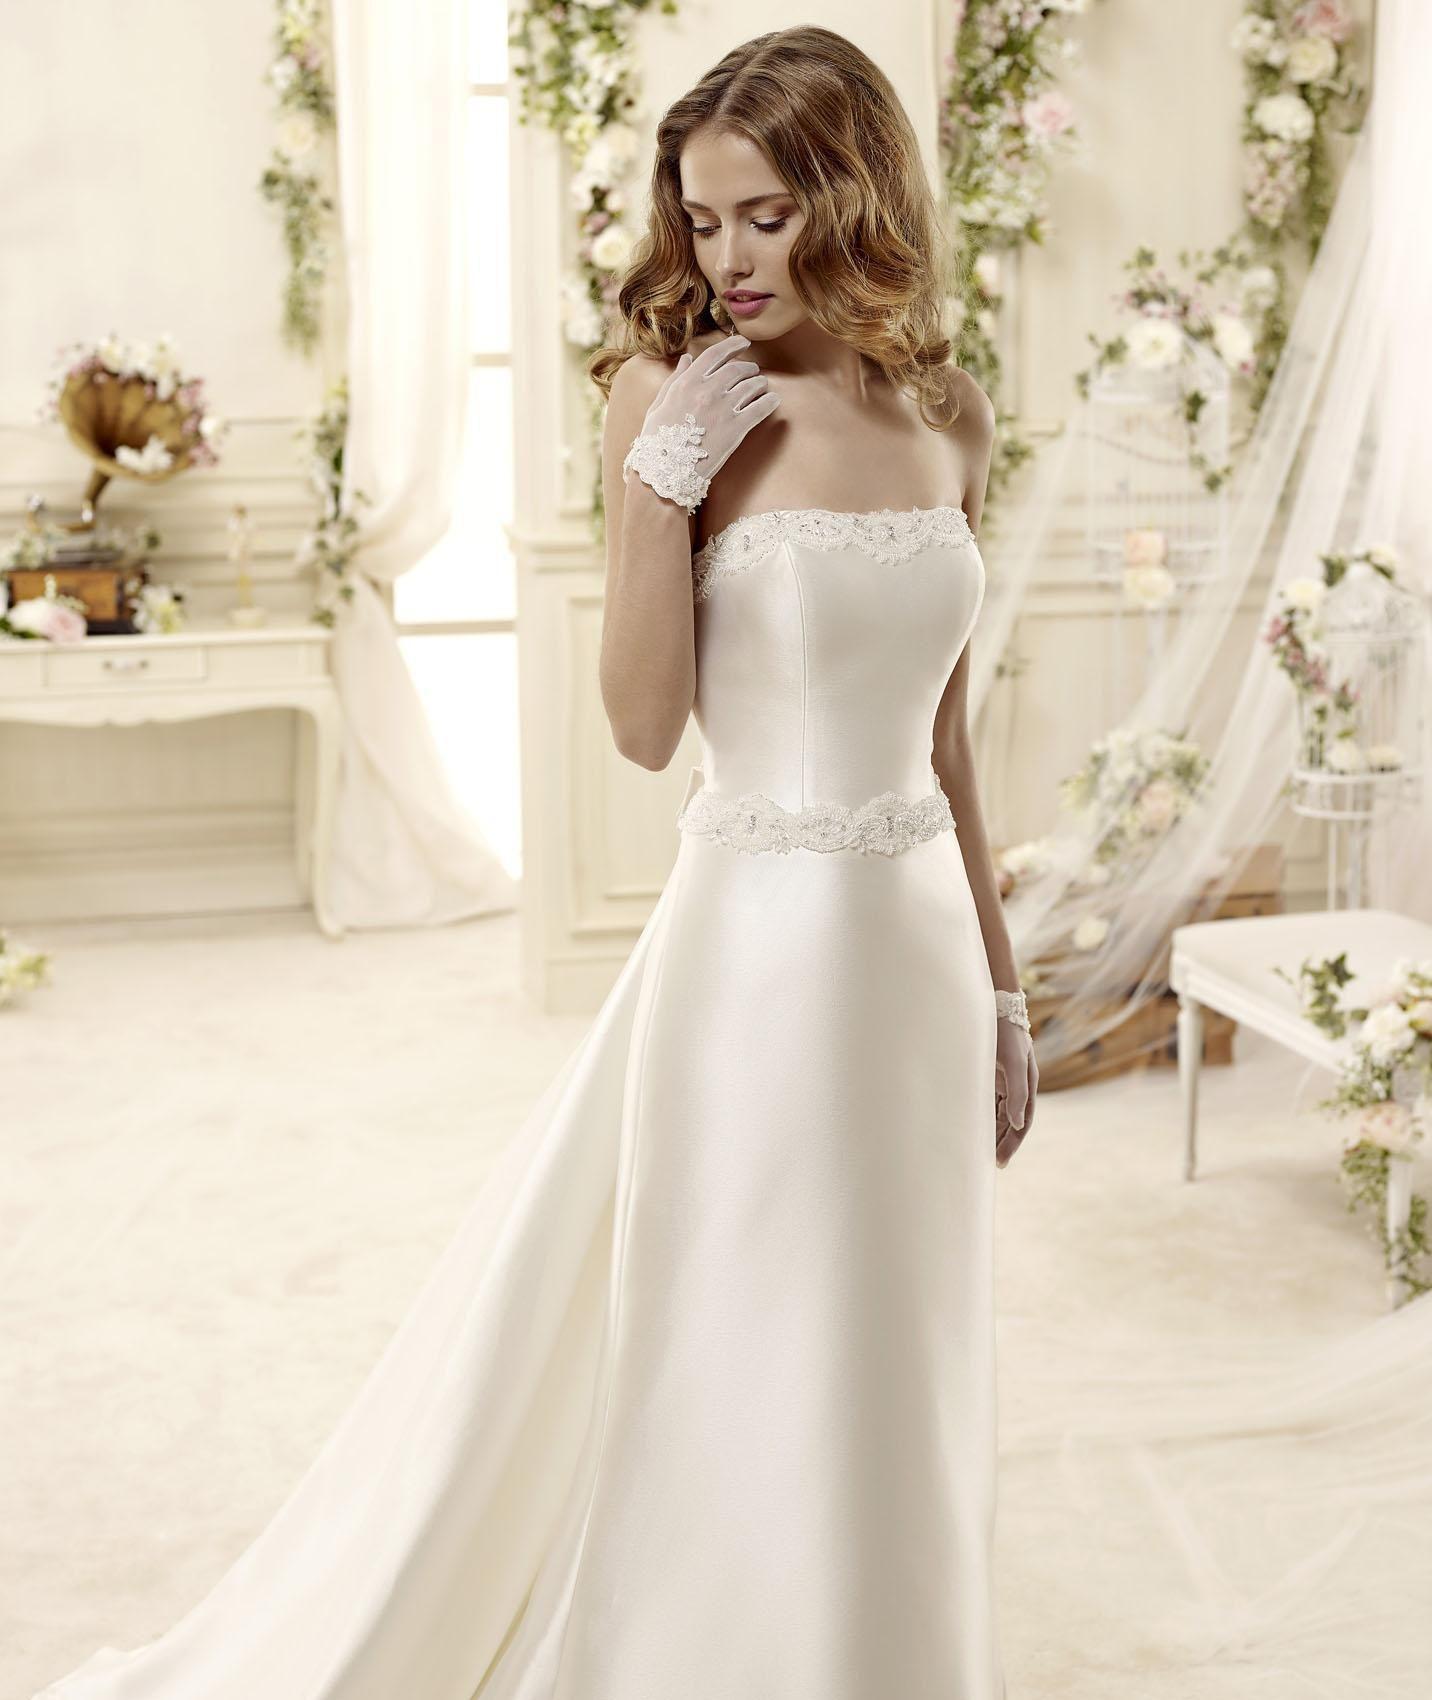 Atlasnoje_svadebnoe_platie (17)